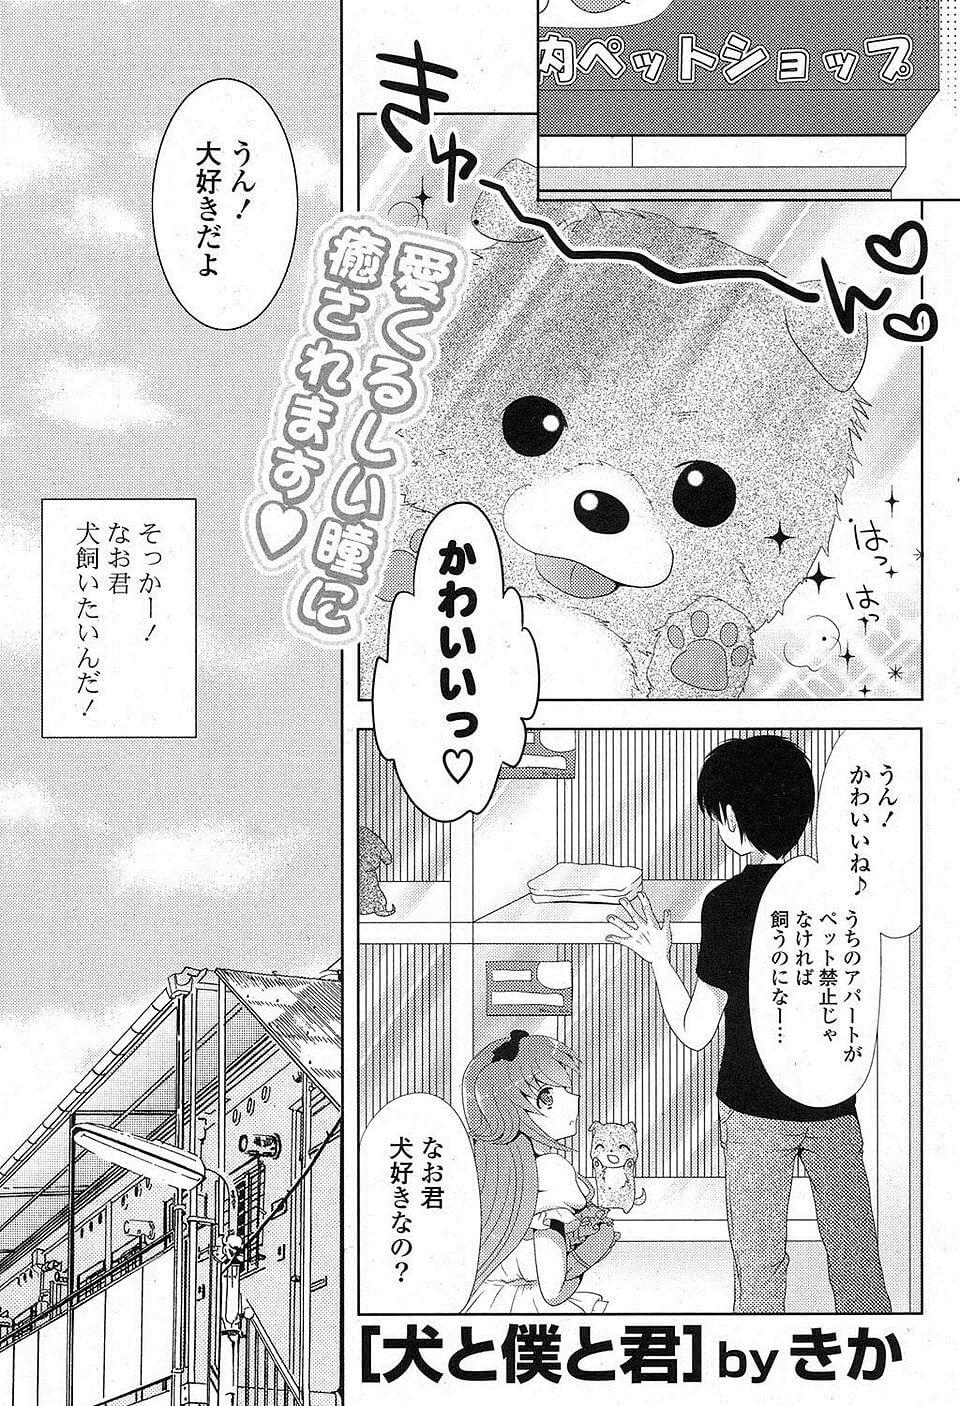 【エロ漫画】なおの家でデートの彼女の志歩は首輪をしてきて犬の真似をしていると服を脱いでとなおは言い…【無料 エロ同人】